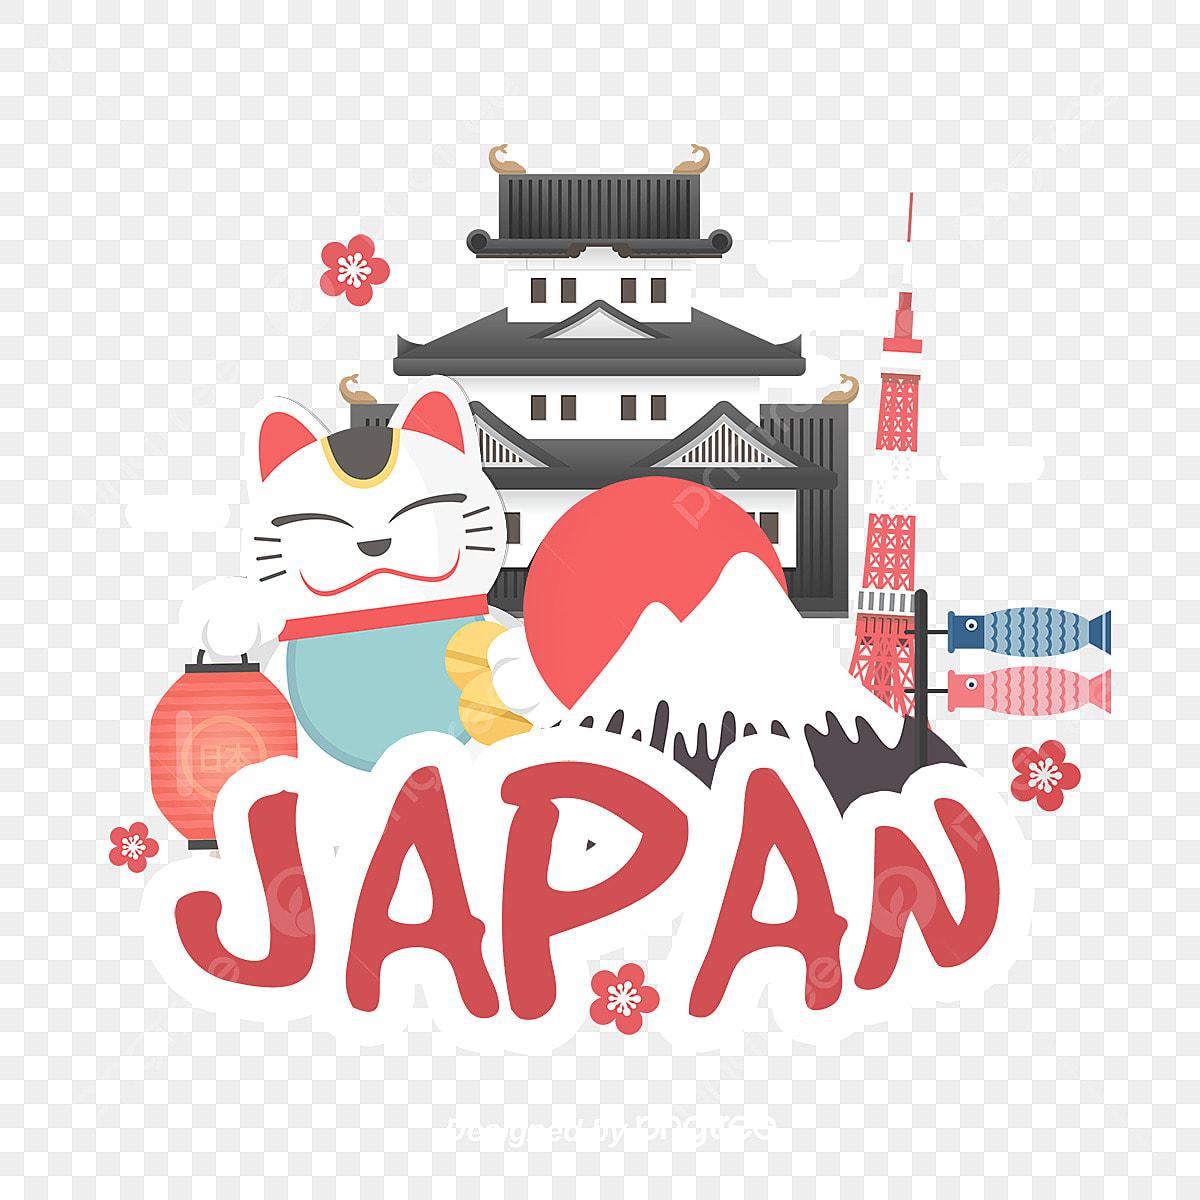 日本旅行イラスト N Japan 東京タワー マネキニック画像とpsd素材